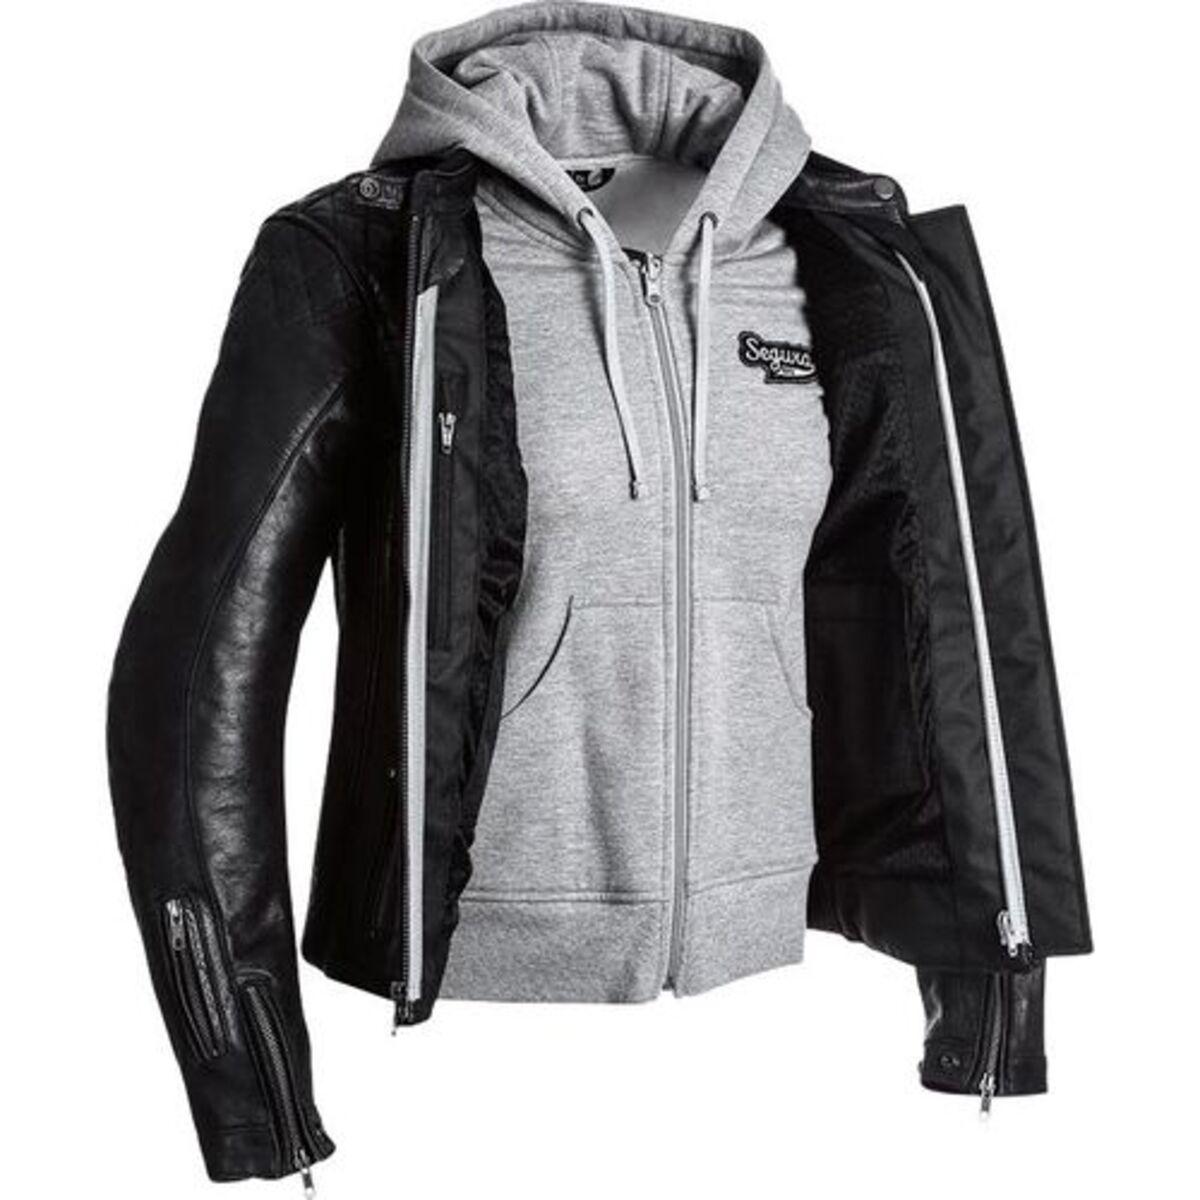 Bild 1 von Segura            Style Damen Lederjacke schwarz